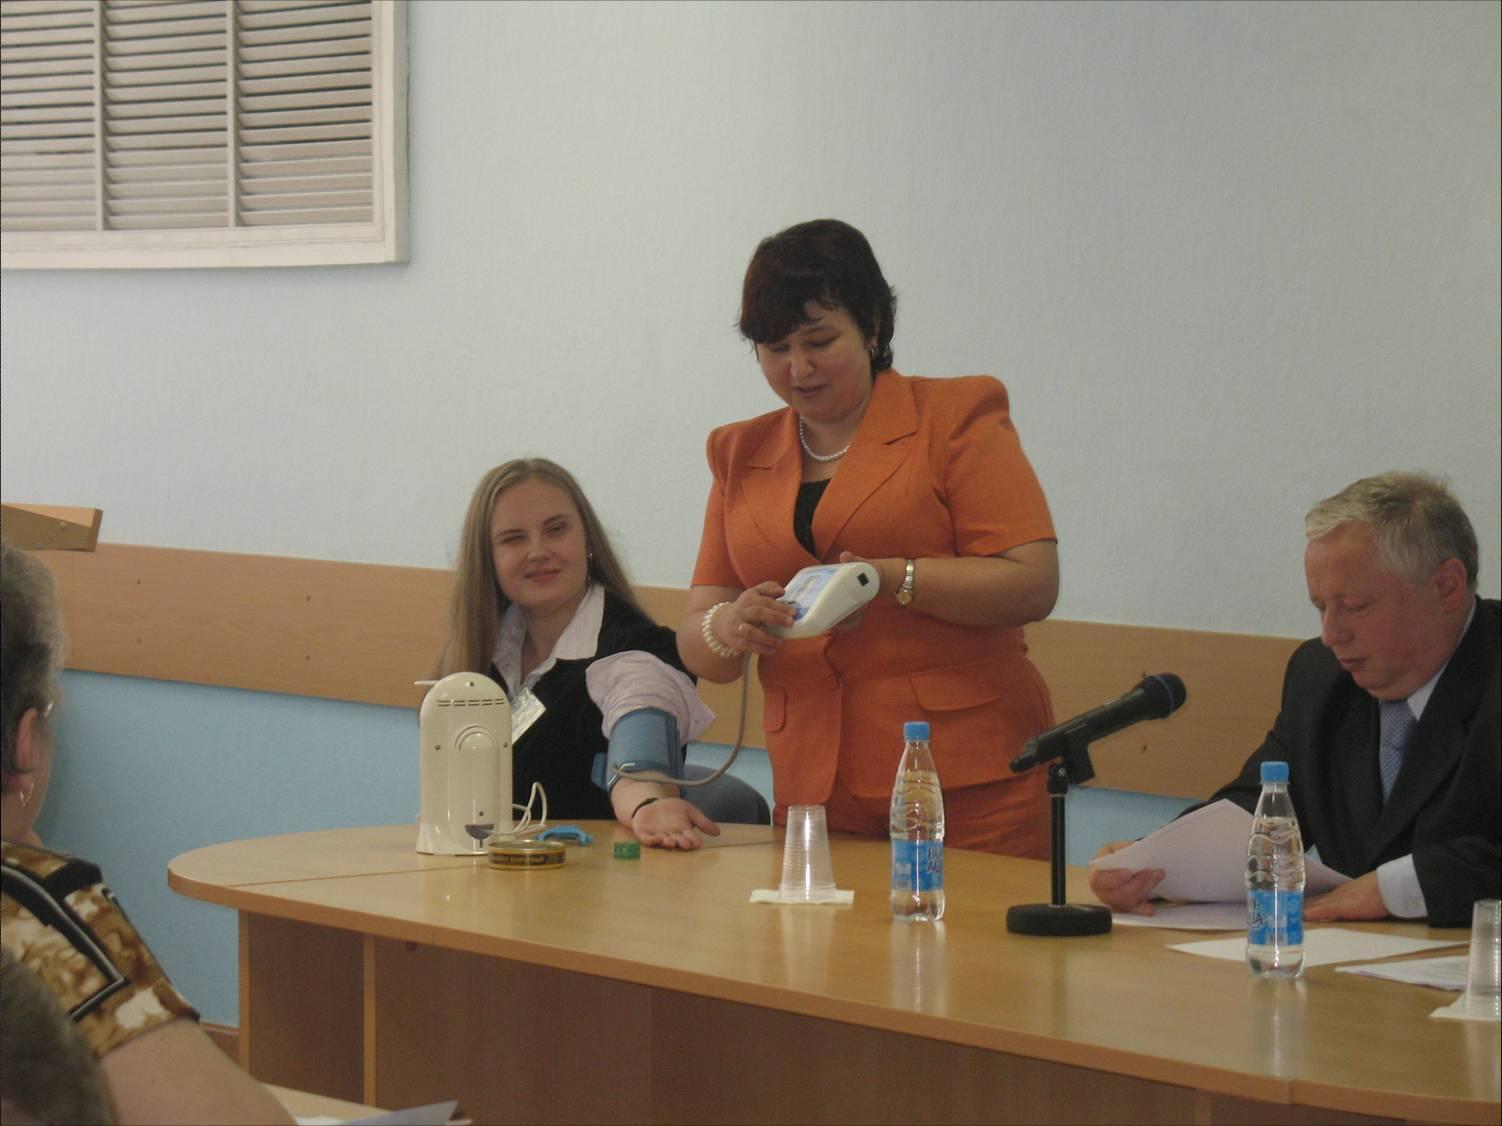 2 июня 2010 года Институт «Реакомп» провёл в конференц-зале семинар для специалистов службы социальной защиты и занятости города Москвы по теме: «Технические средства реабилитации (ТСР) для инвалидов по зрению».